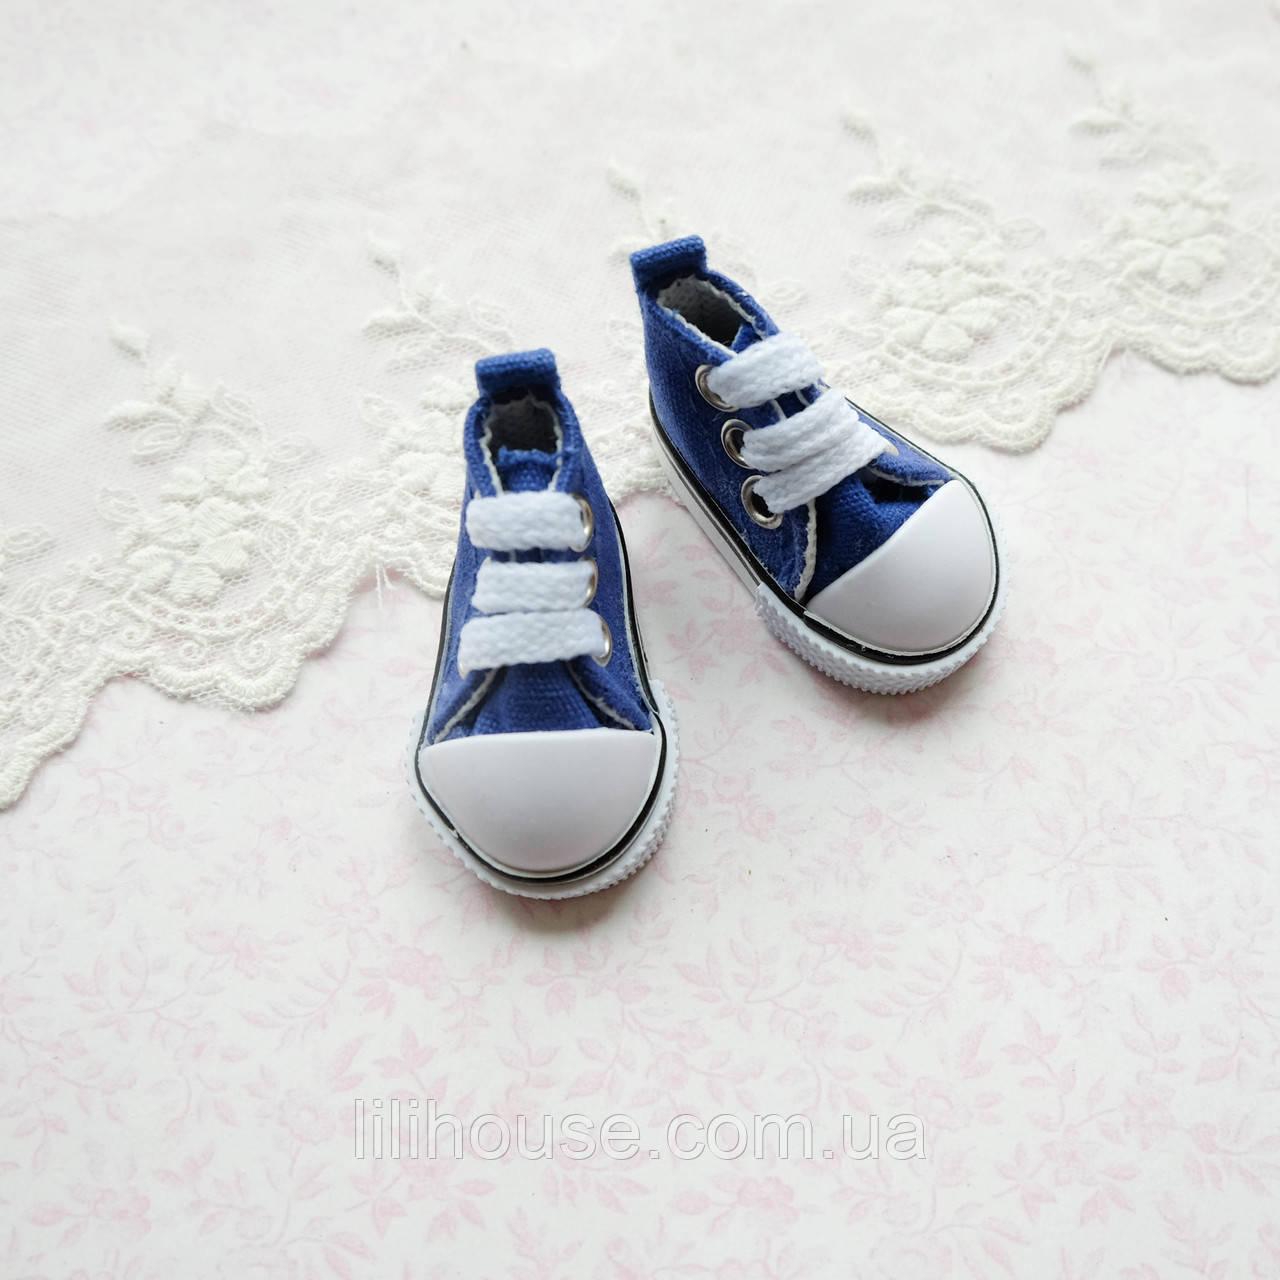 Обувь для кукол, кеды на шнуровке синие - 5*2.5 см